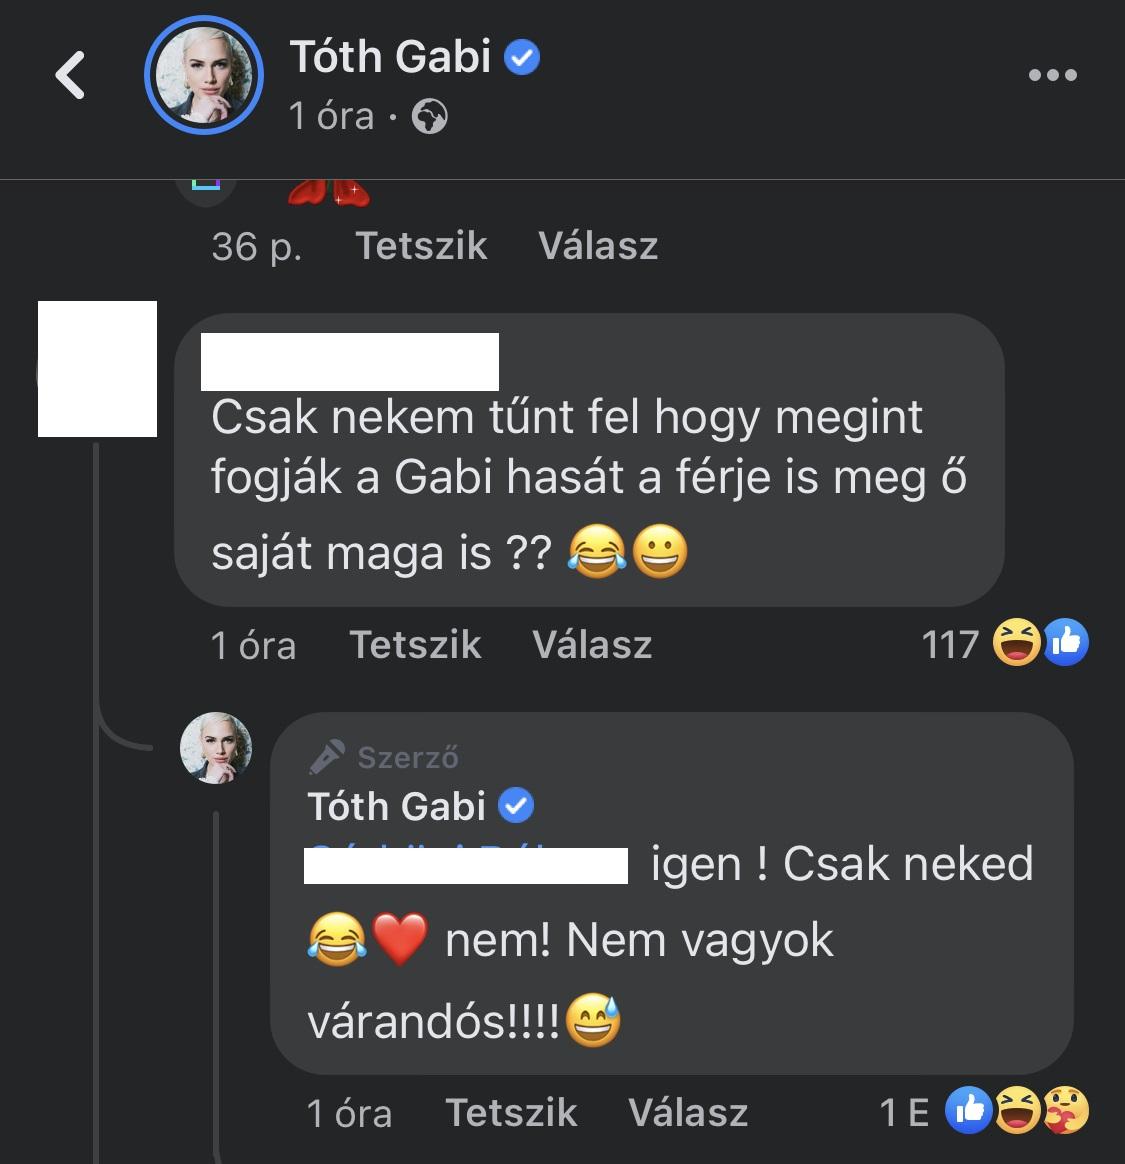 Tóth Gabi hamar reagált